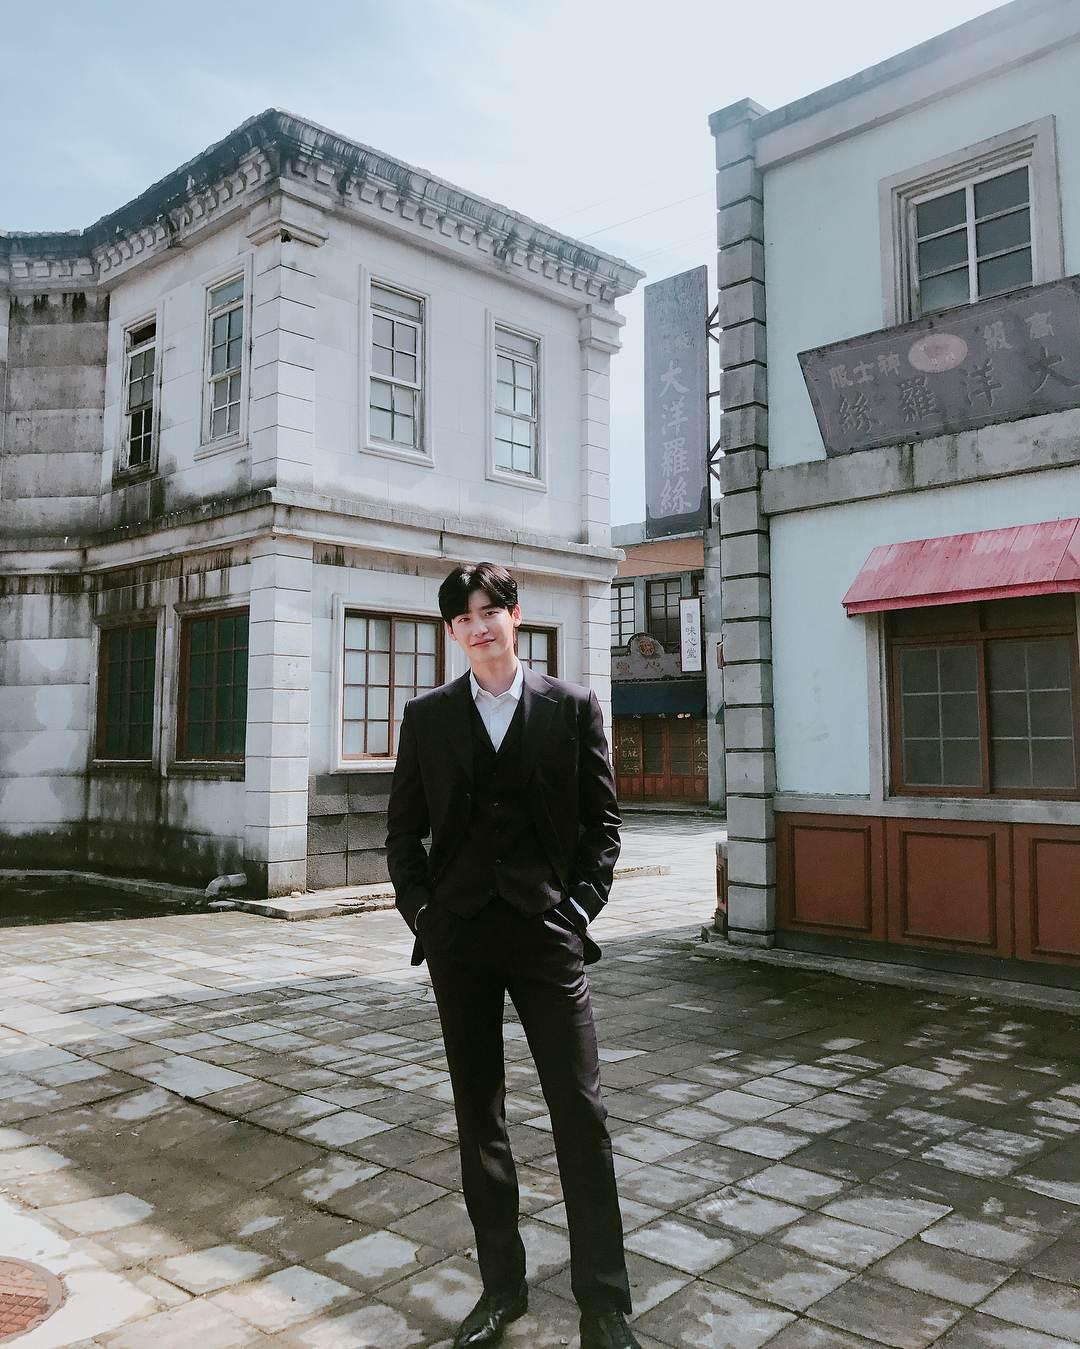 李鍾碩入伍前還有最後一部tvN戲劇作品《羅曼史是別冊附錄》和自己的8年理想型元斌老婆李奈映,預計會在2019年上半年開播,這也是李鍾碩出道8年首次挑戰戀愛喜劇,讓許多人都很期待會擦出什麼驚喜的火花!